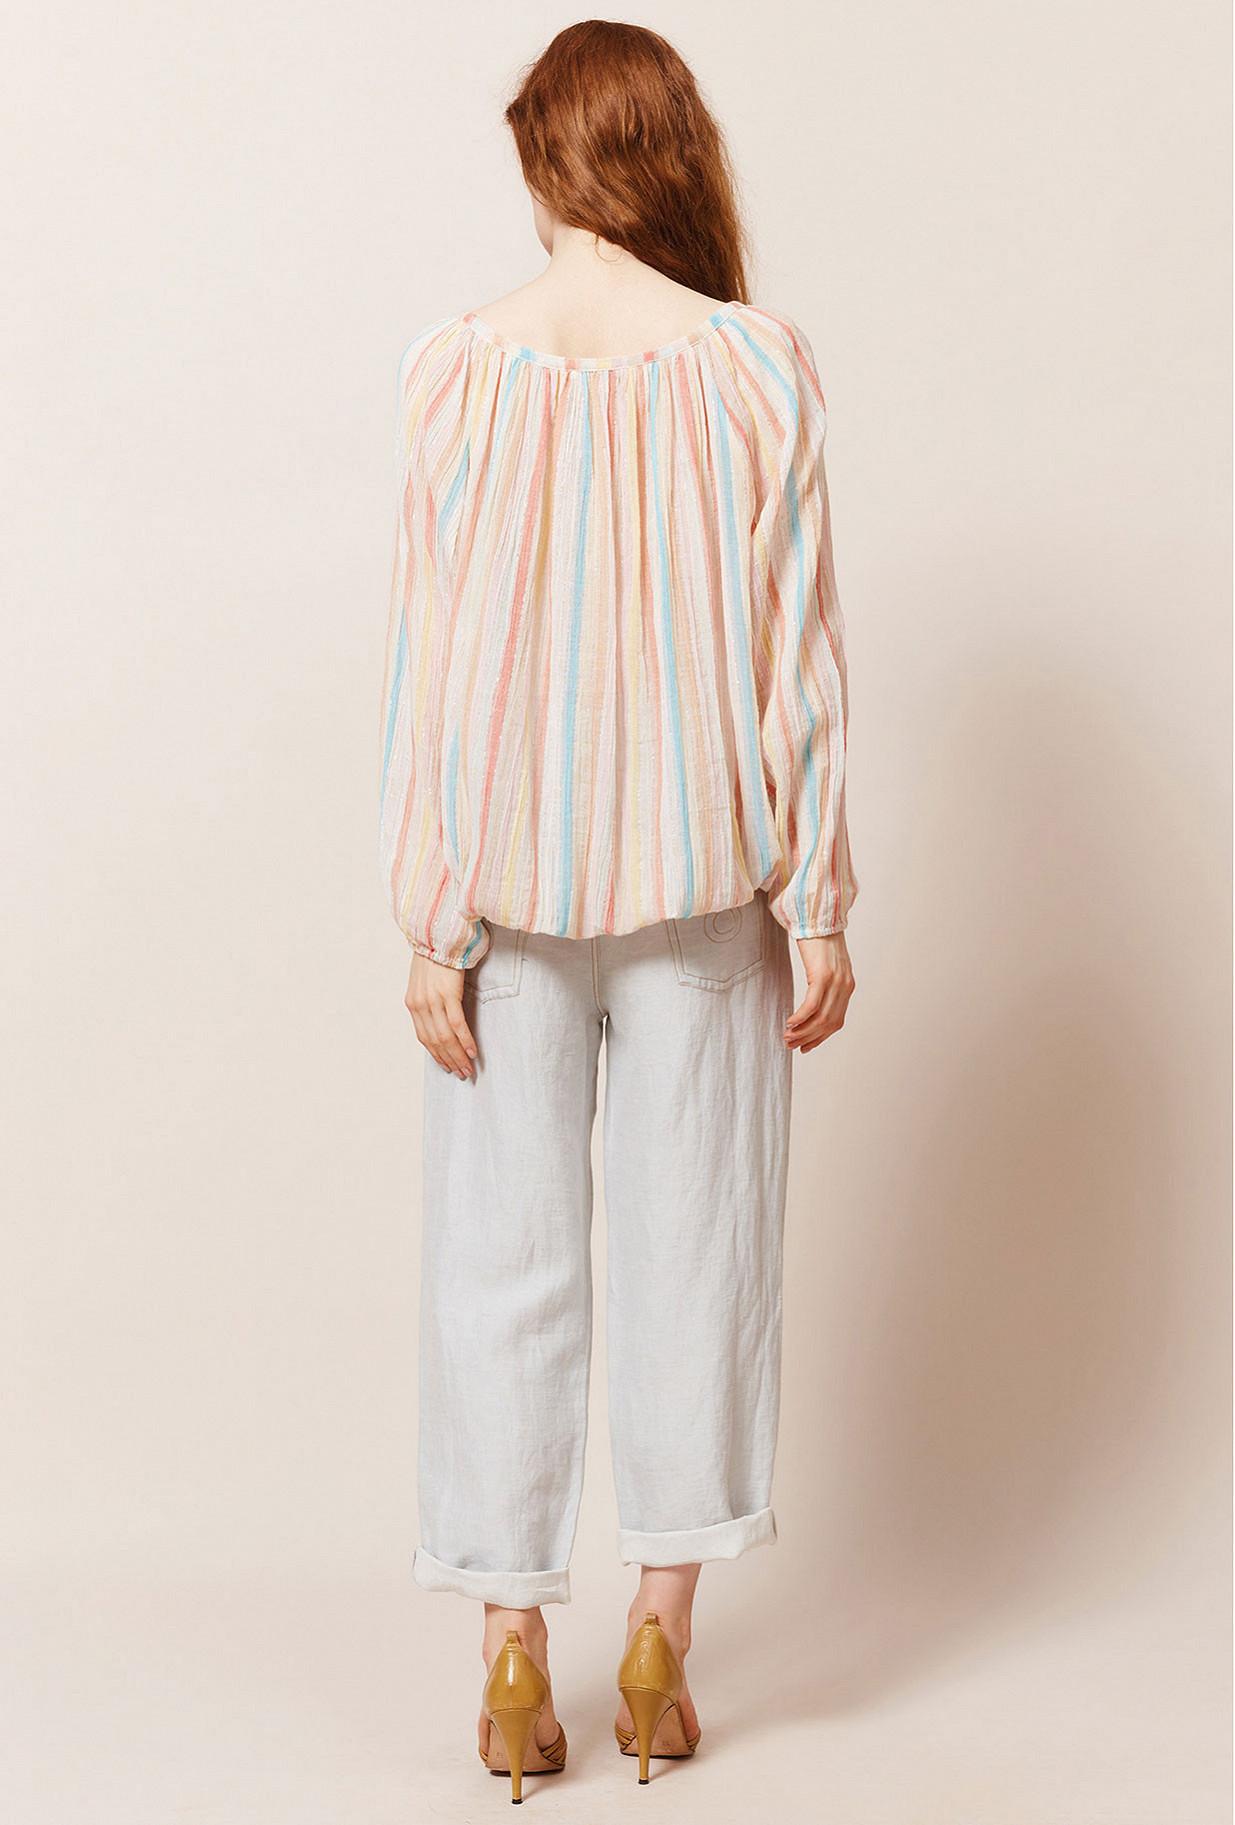 Ecru print  Blouse  Rosita Mes demoiselles fashion clothes designer Paris